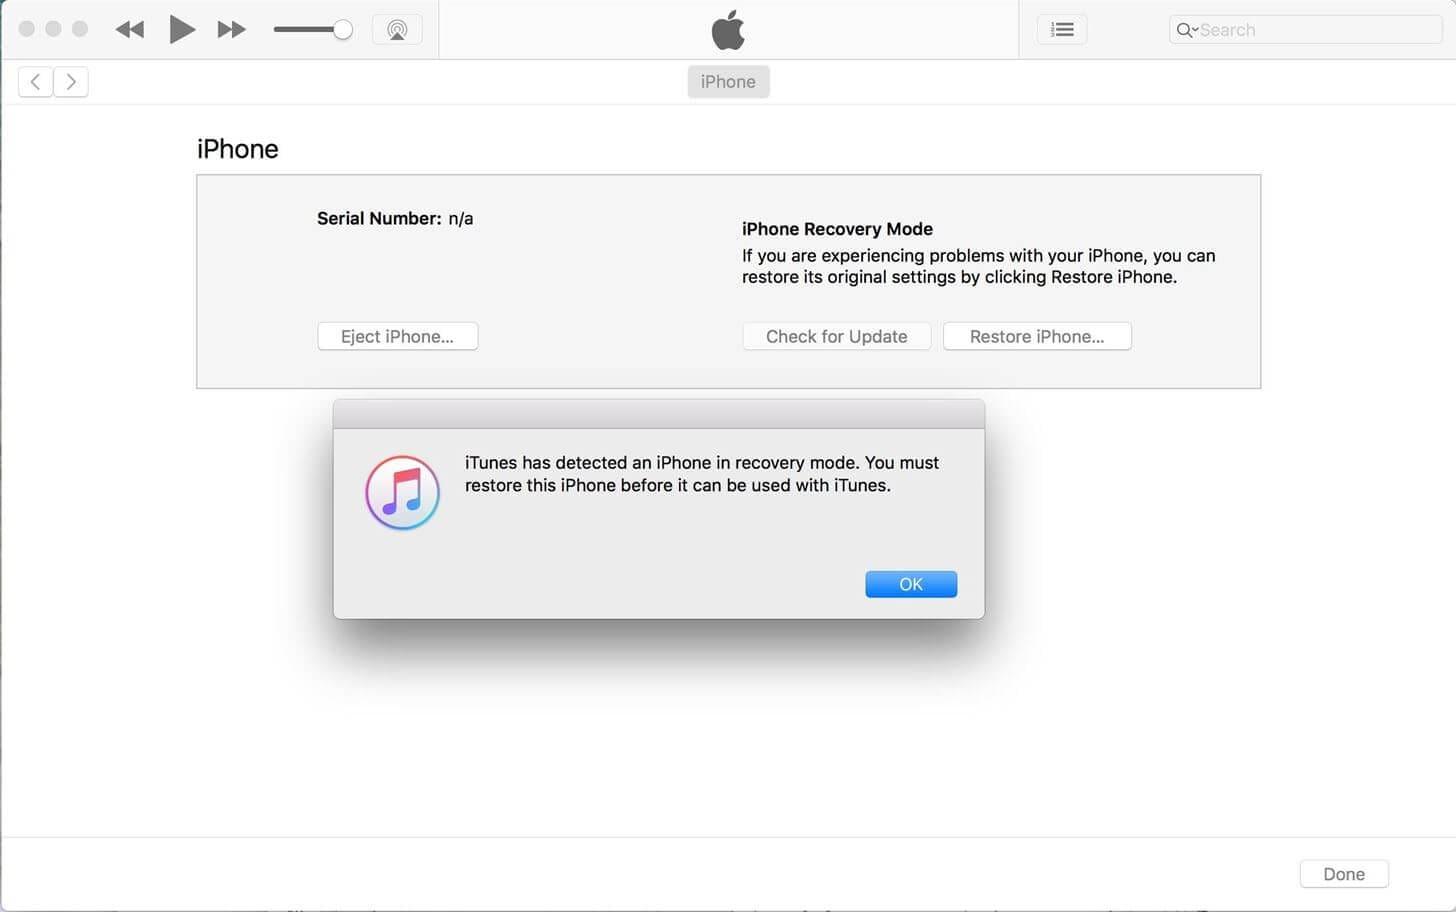 press the Restore iPhone button